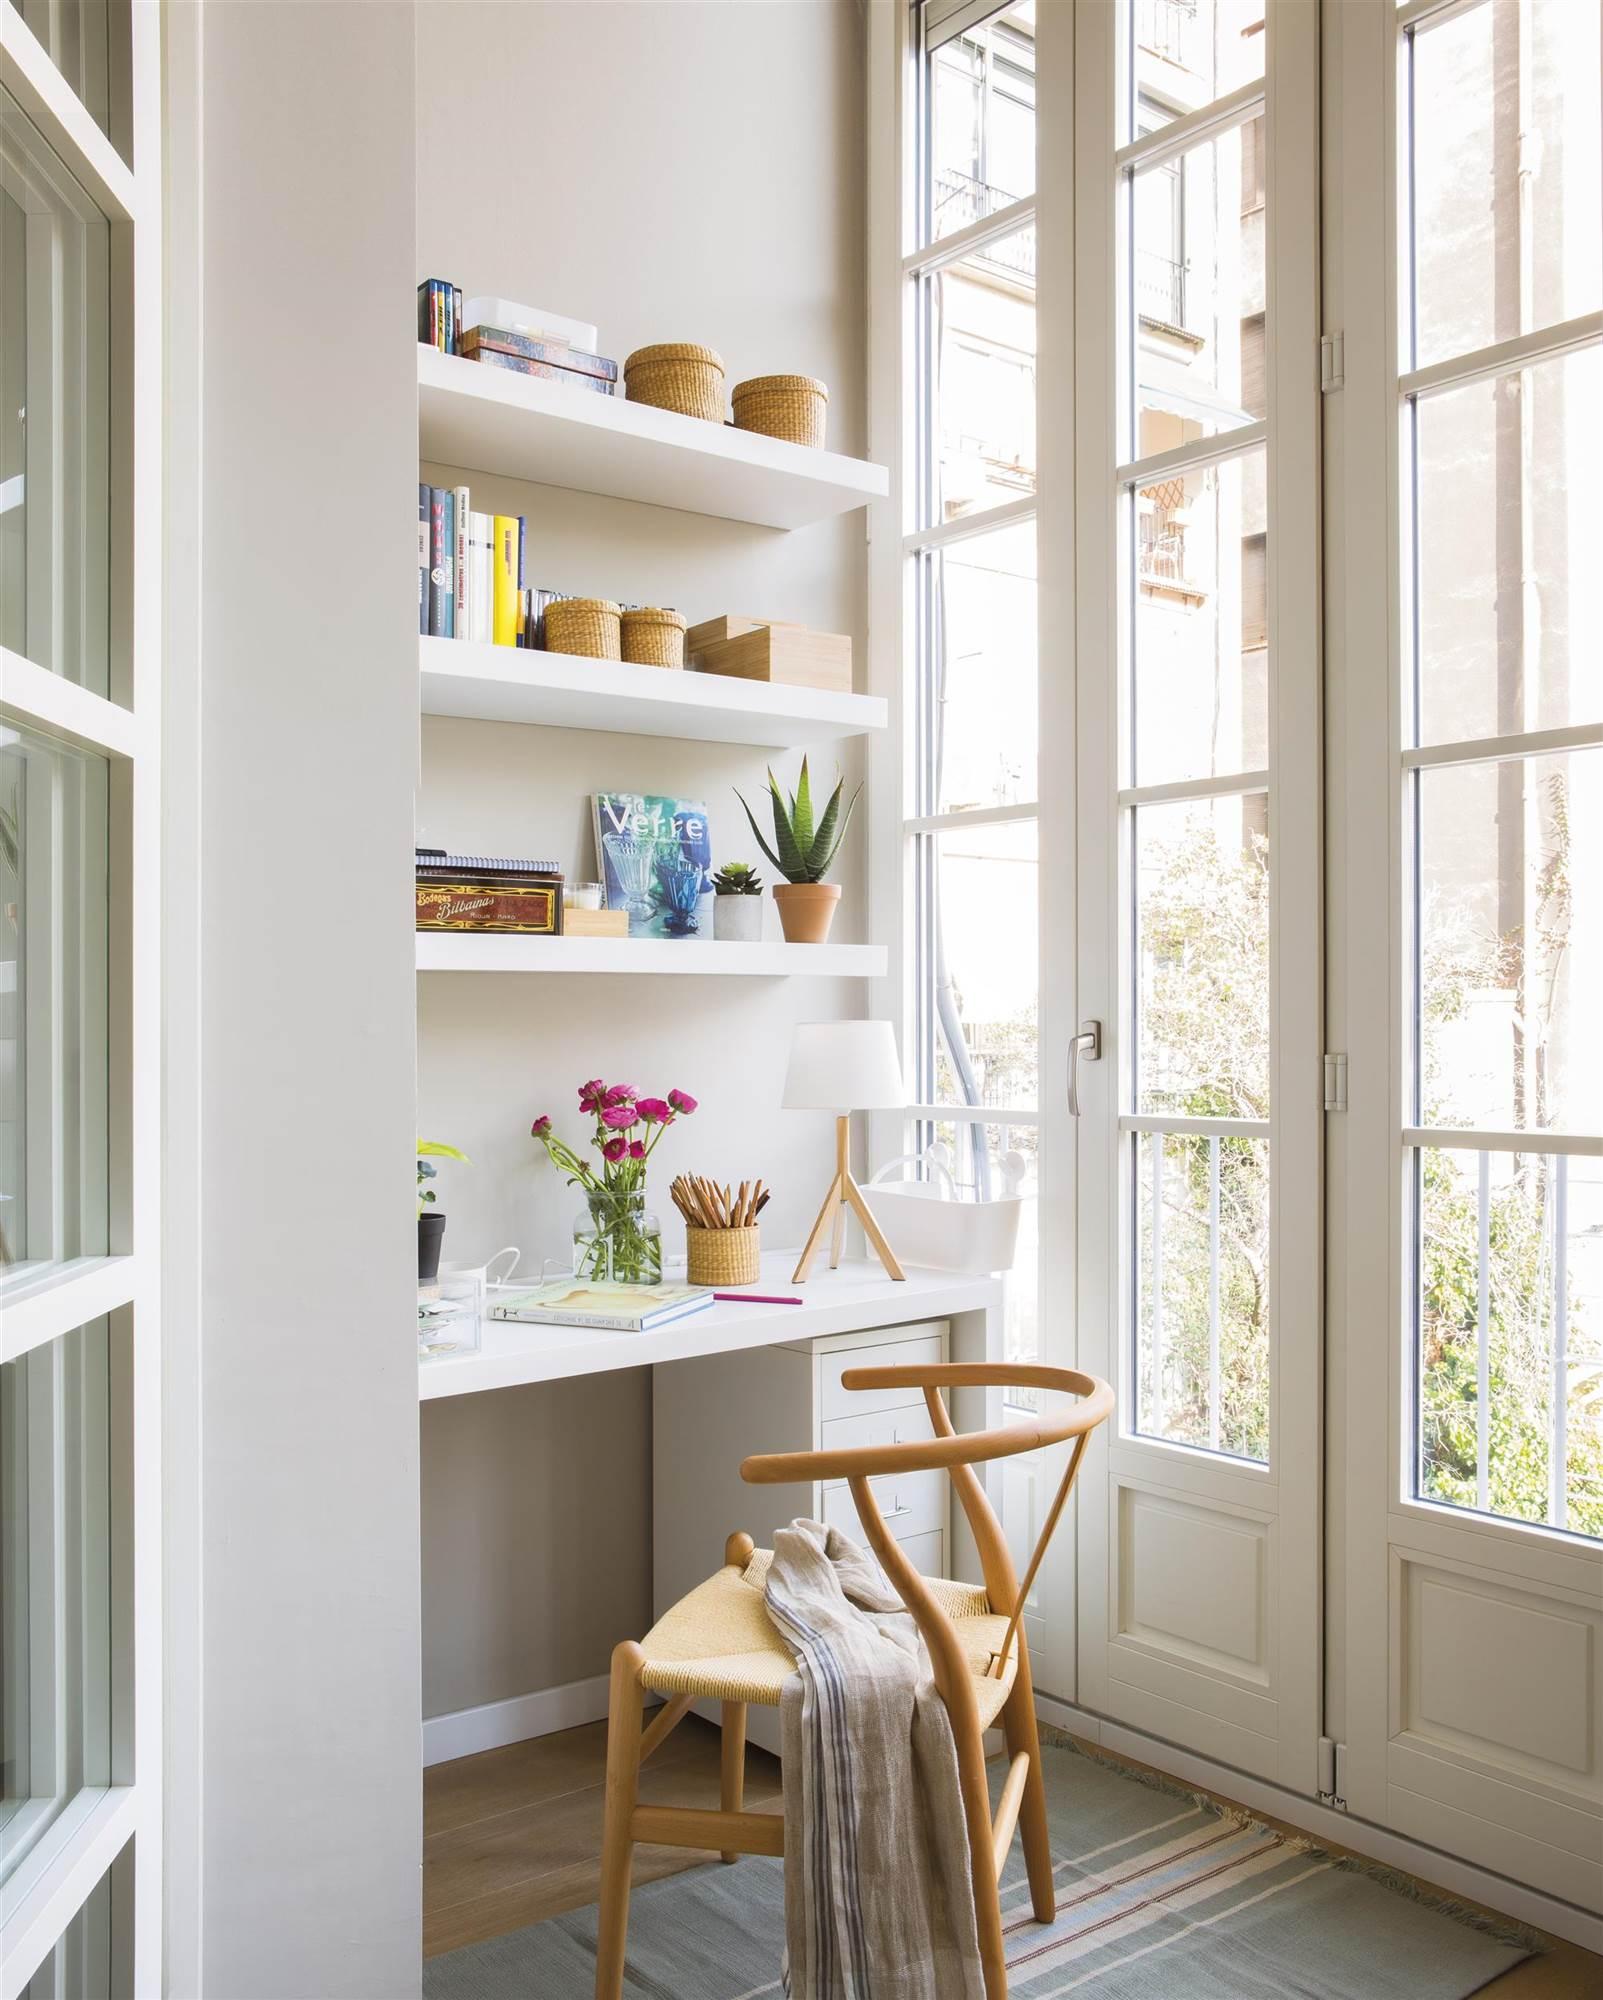 Como En Casa: 7 Muebles Y Accesorios Para Decorar Un Estudio Pequeño